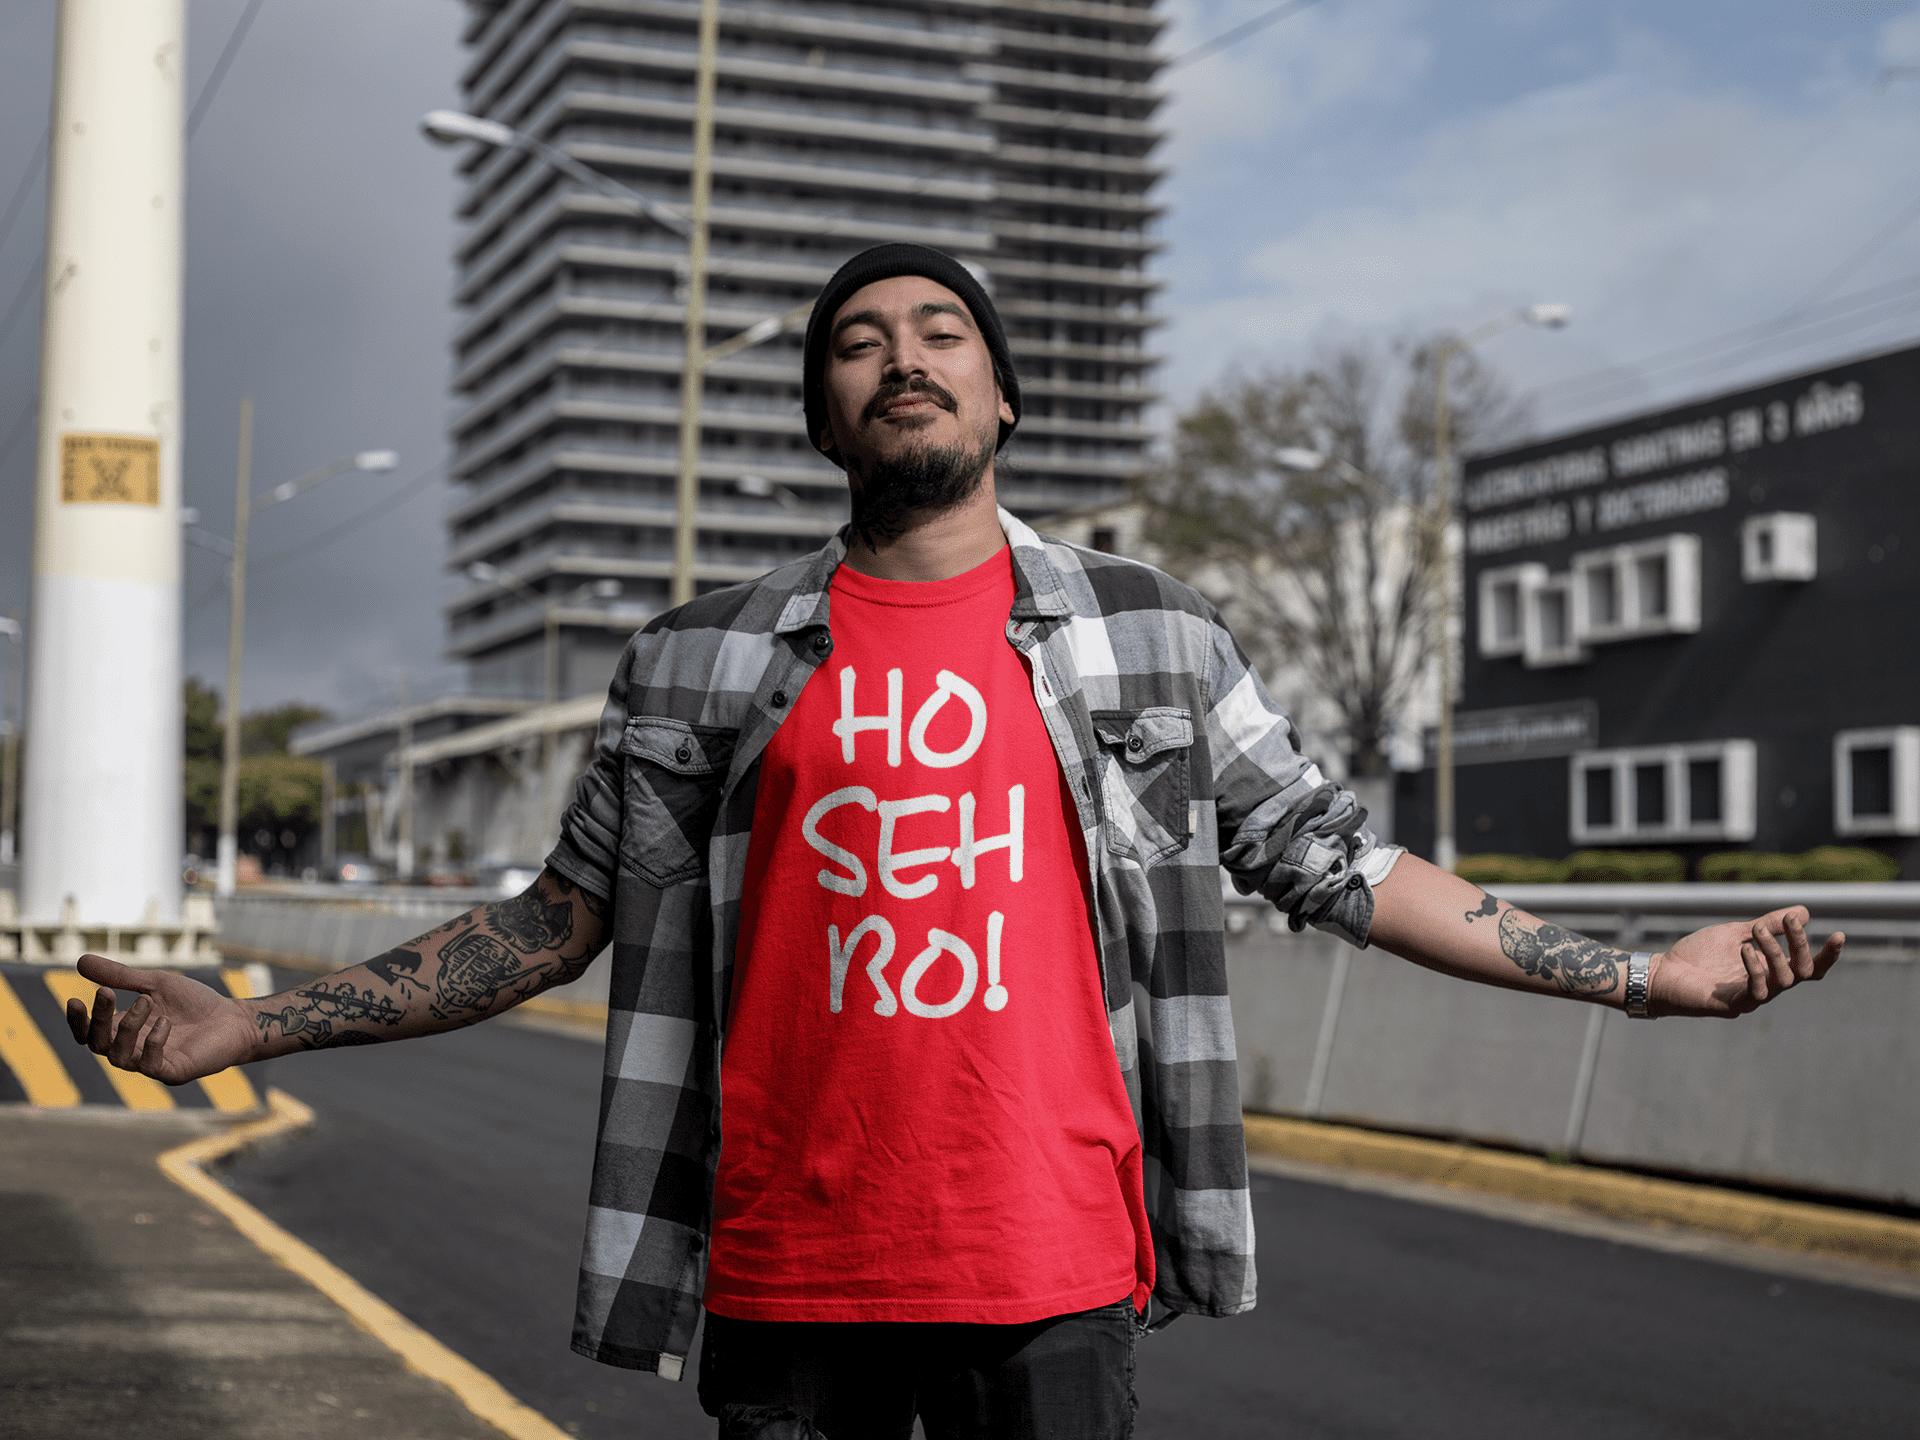 Ho Seh Bo! Crew Neck S-Sleeve T-shirt